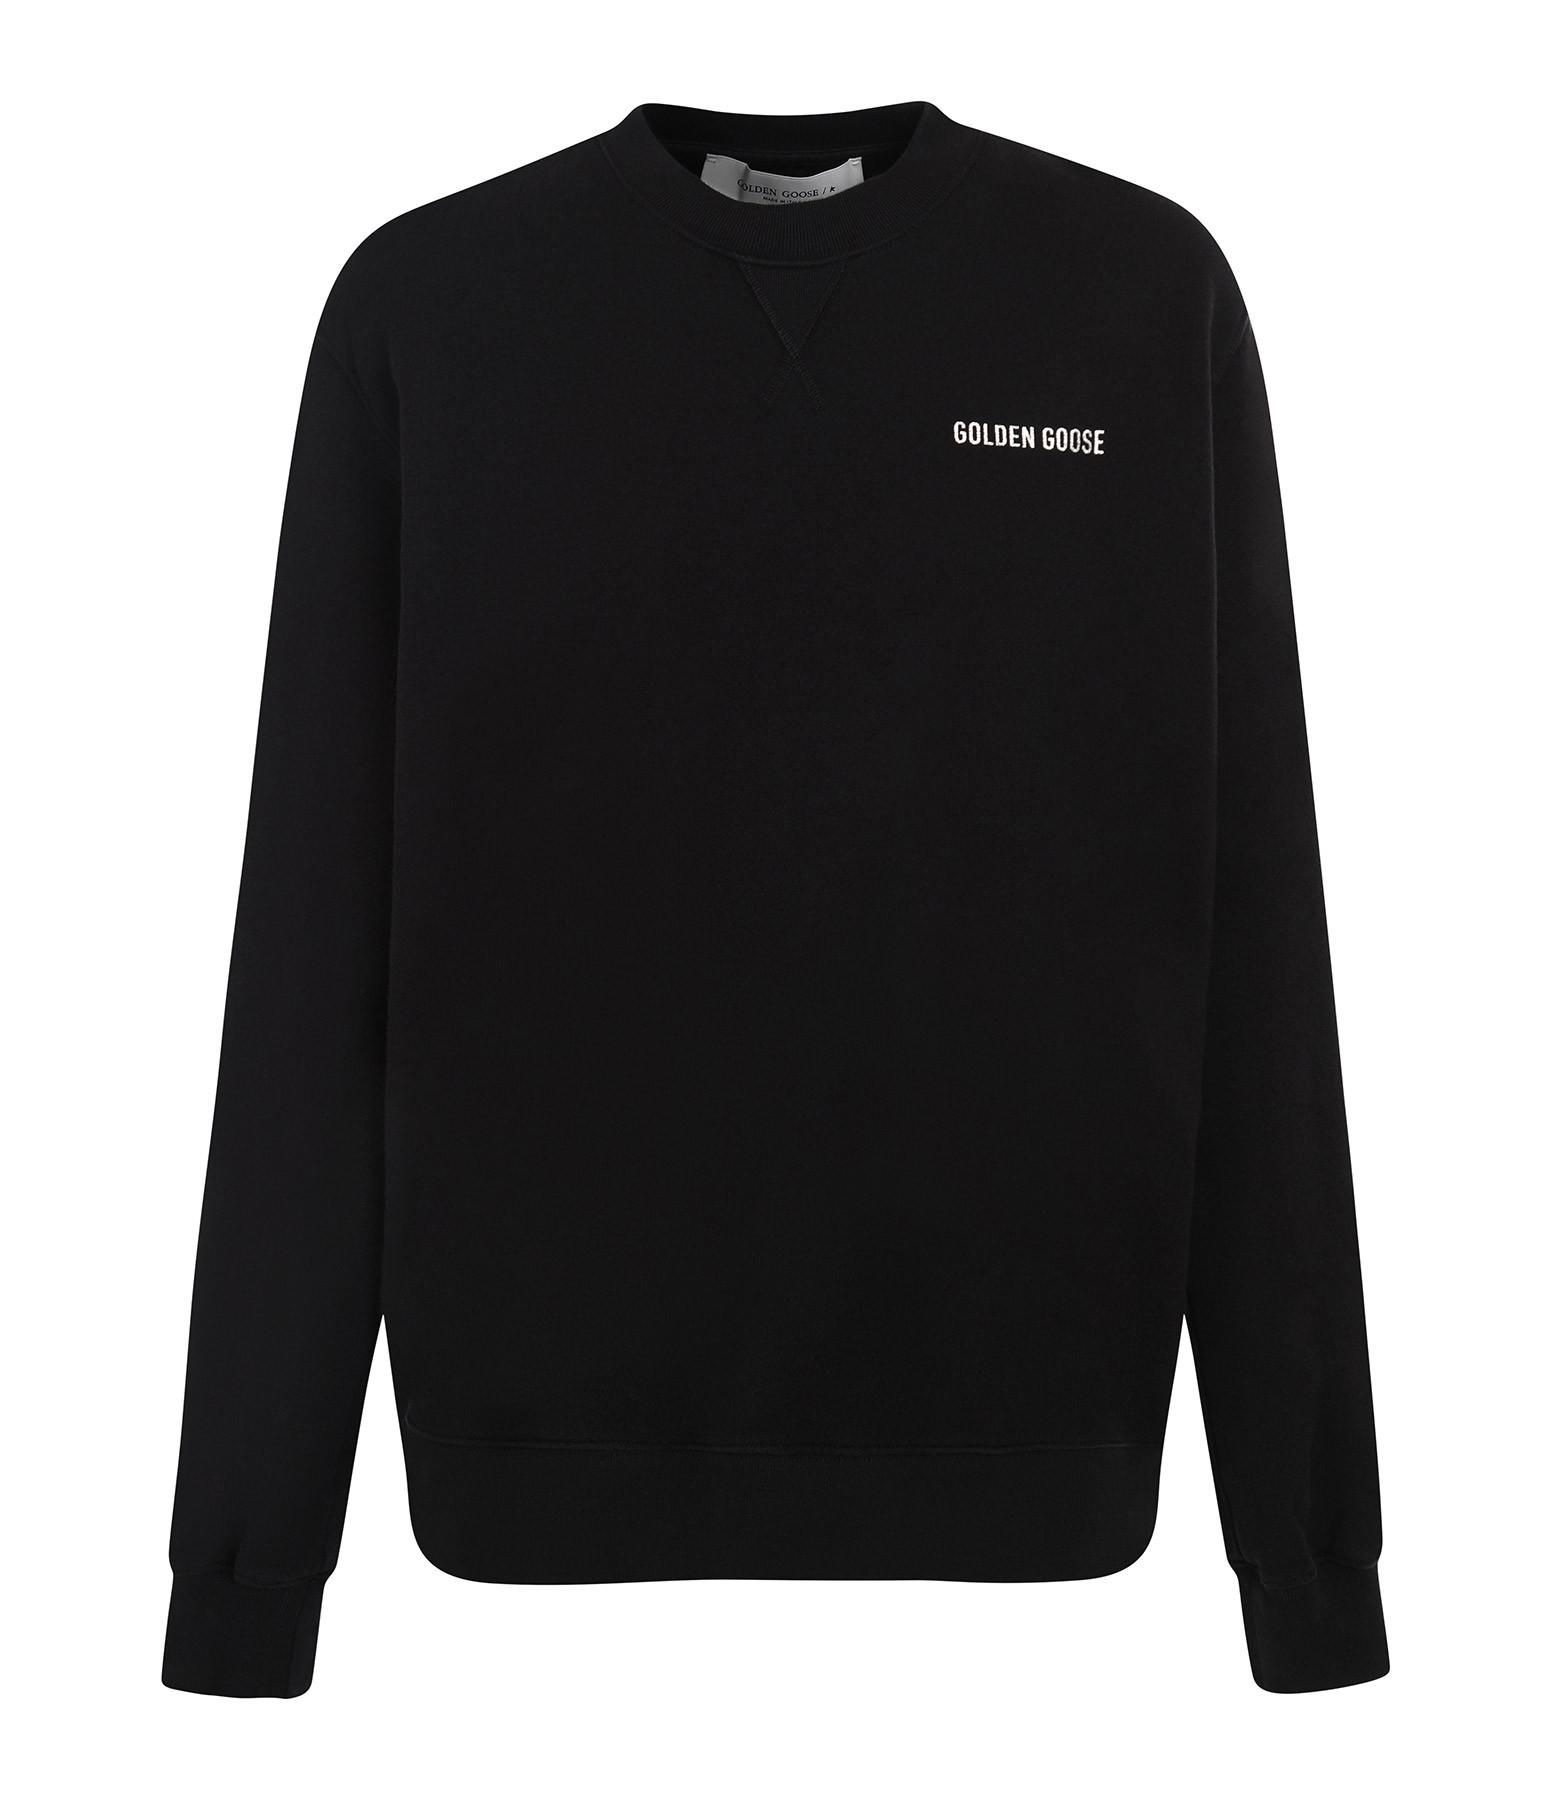 GOLDEN GOOSE - Sweatshirt Homme Sneakers Lover Coton Noir